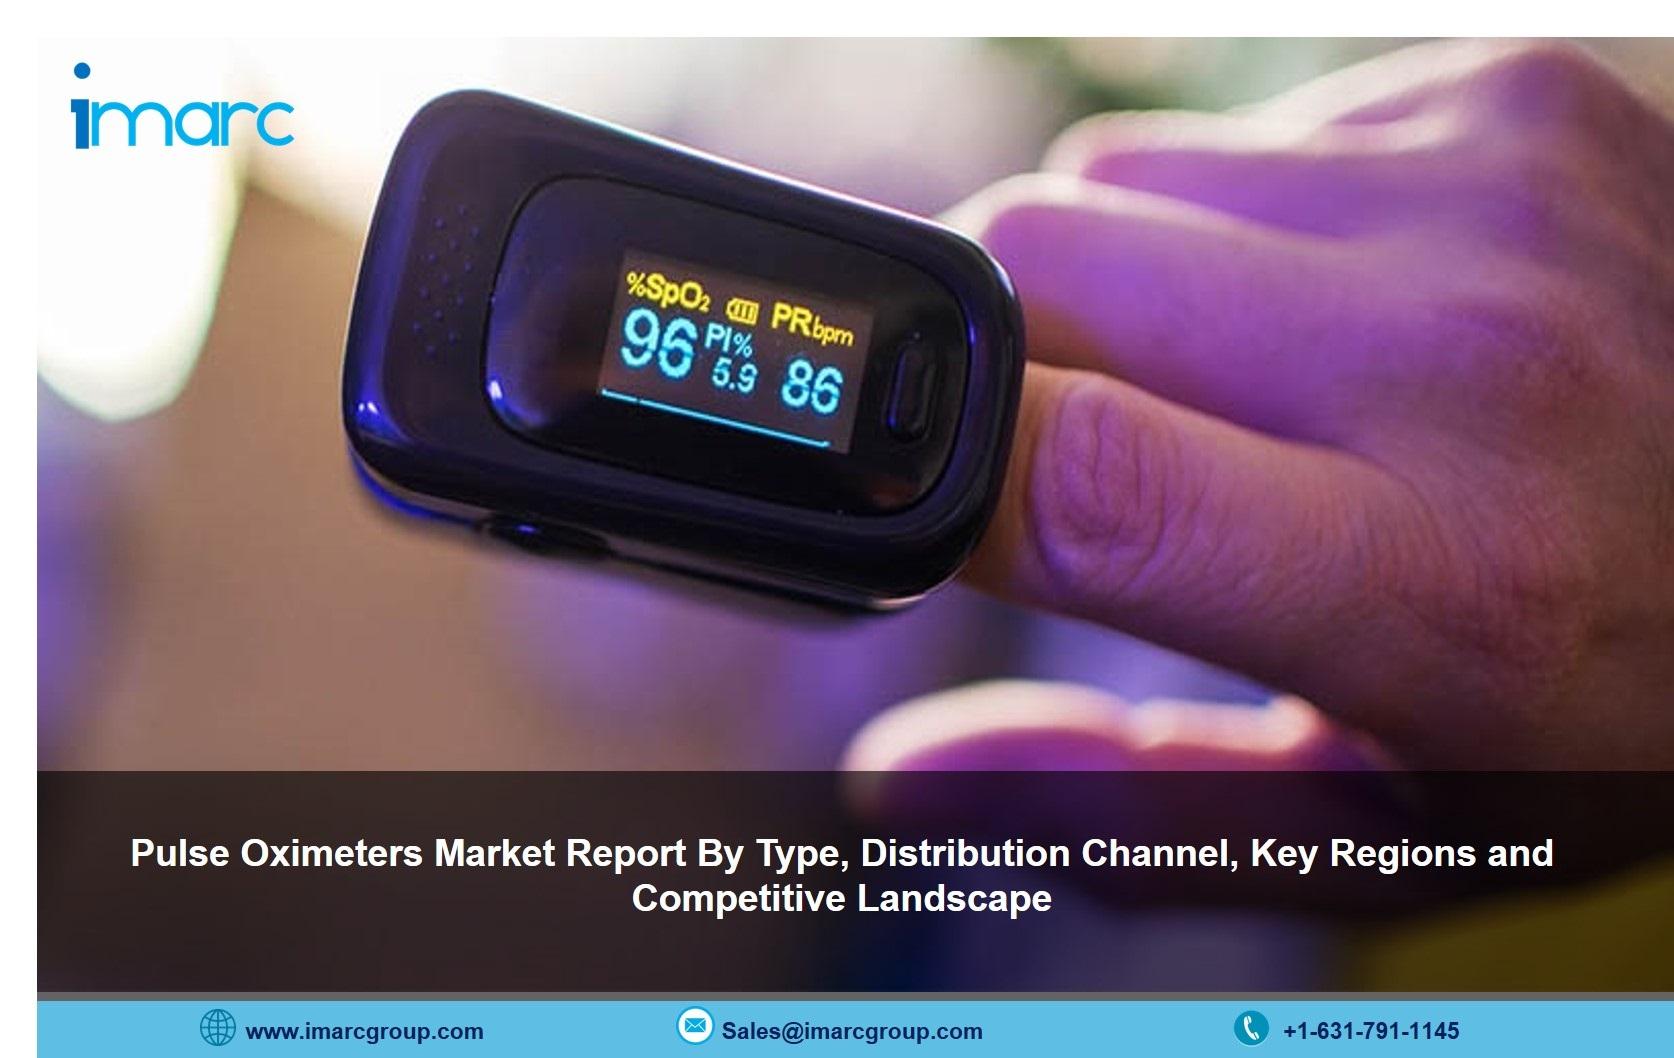 Pulse Oximeter Marke